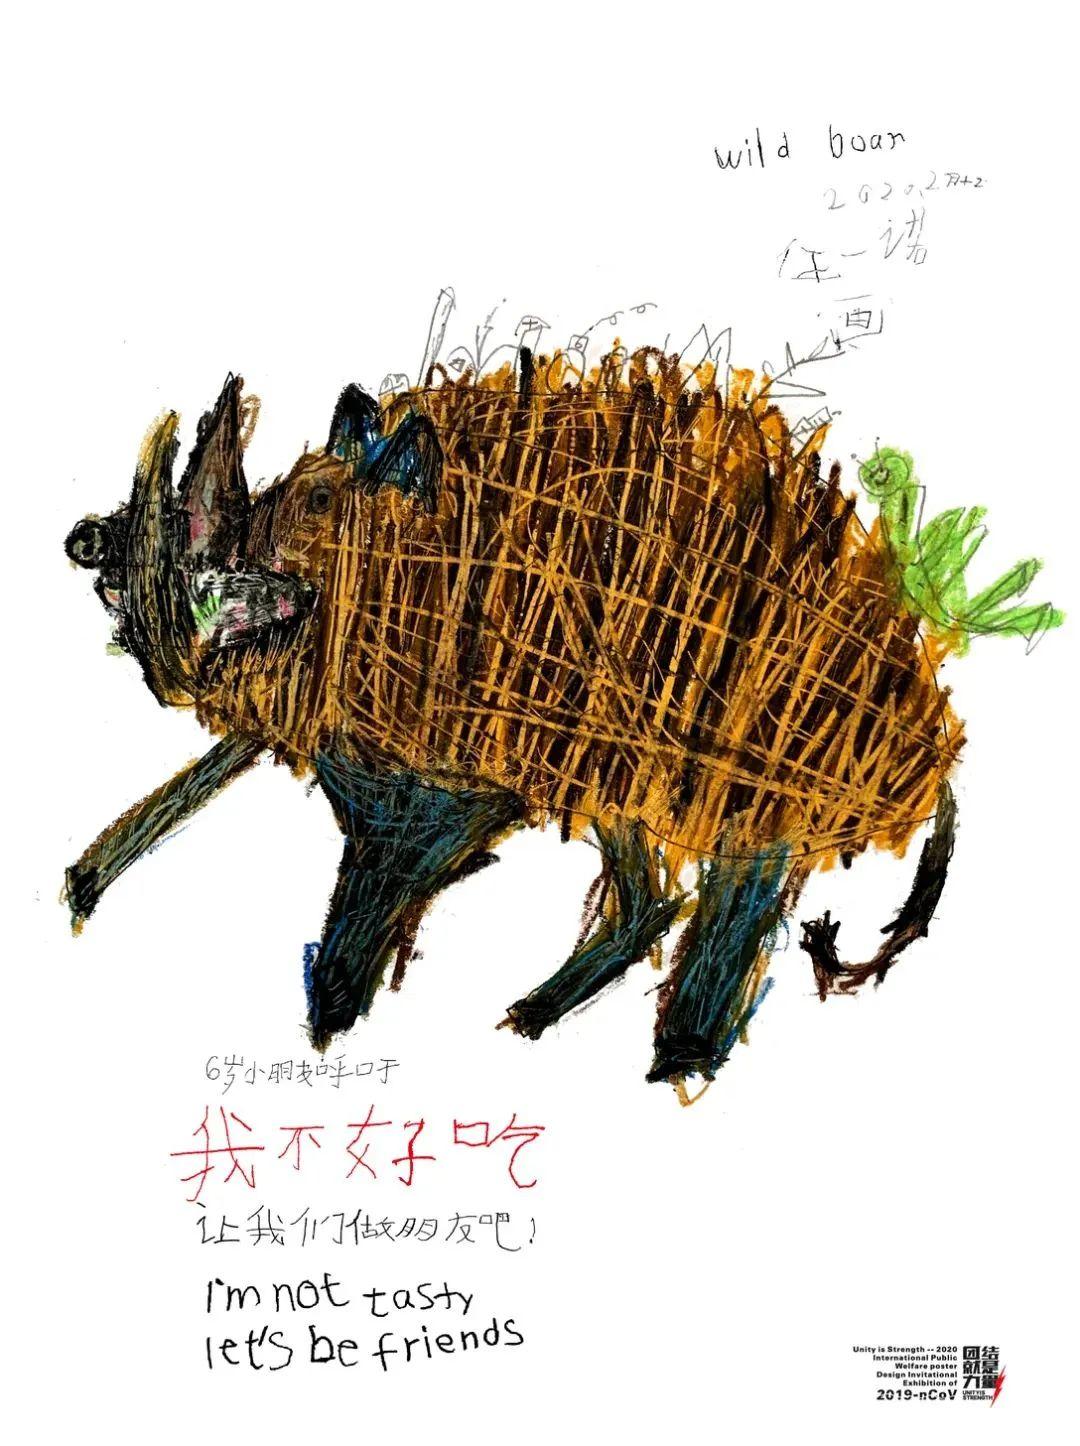 6岁蒙古族小设计师用插画拯救野生动物,为抗疫助力! 第24张